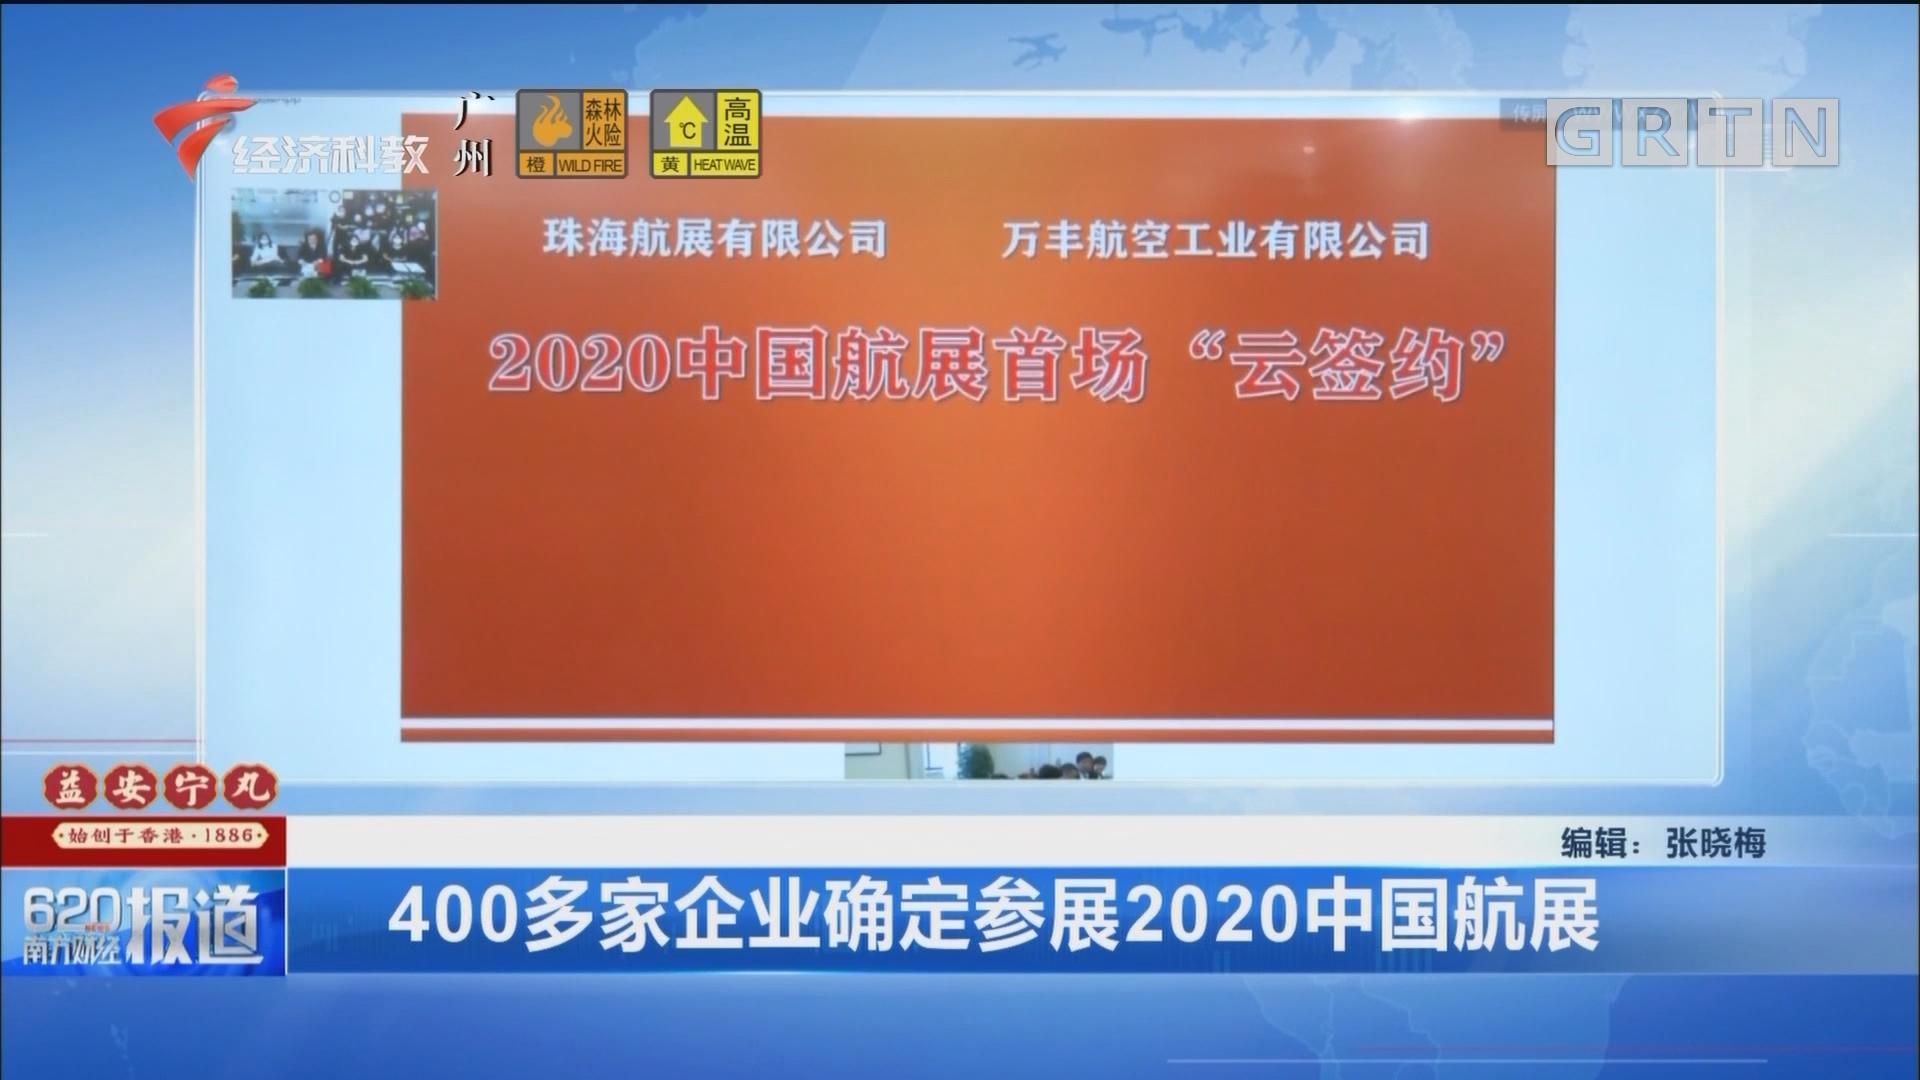 400多家企業確定參展2020中國航展